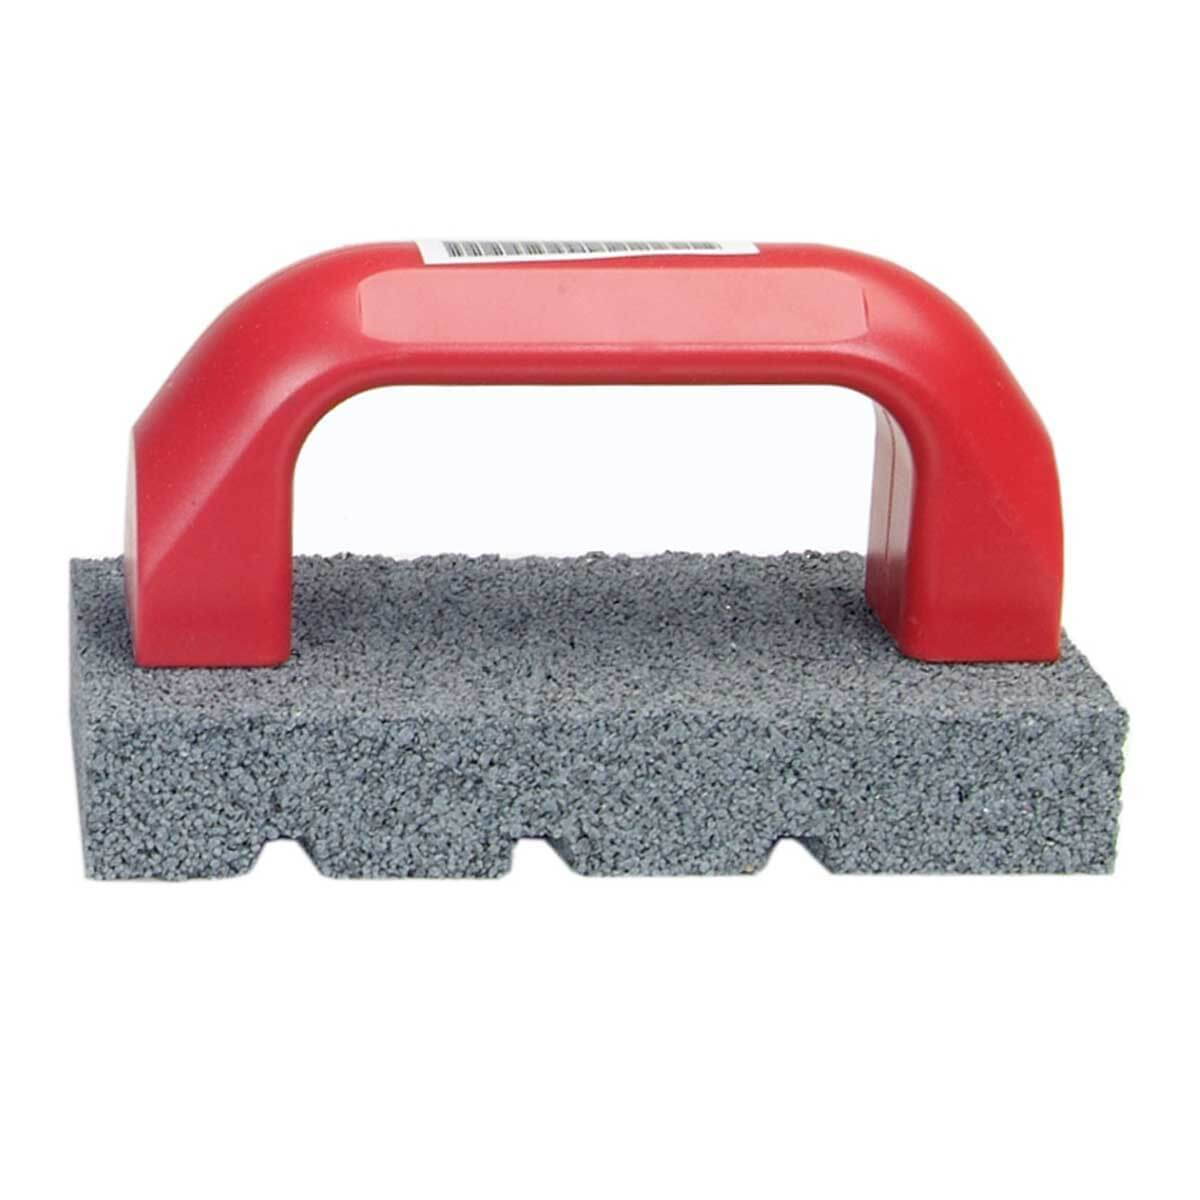 Norton Abrasive block